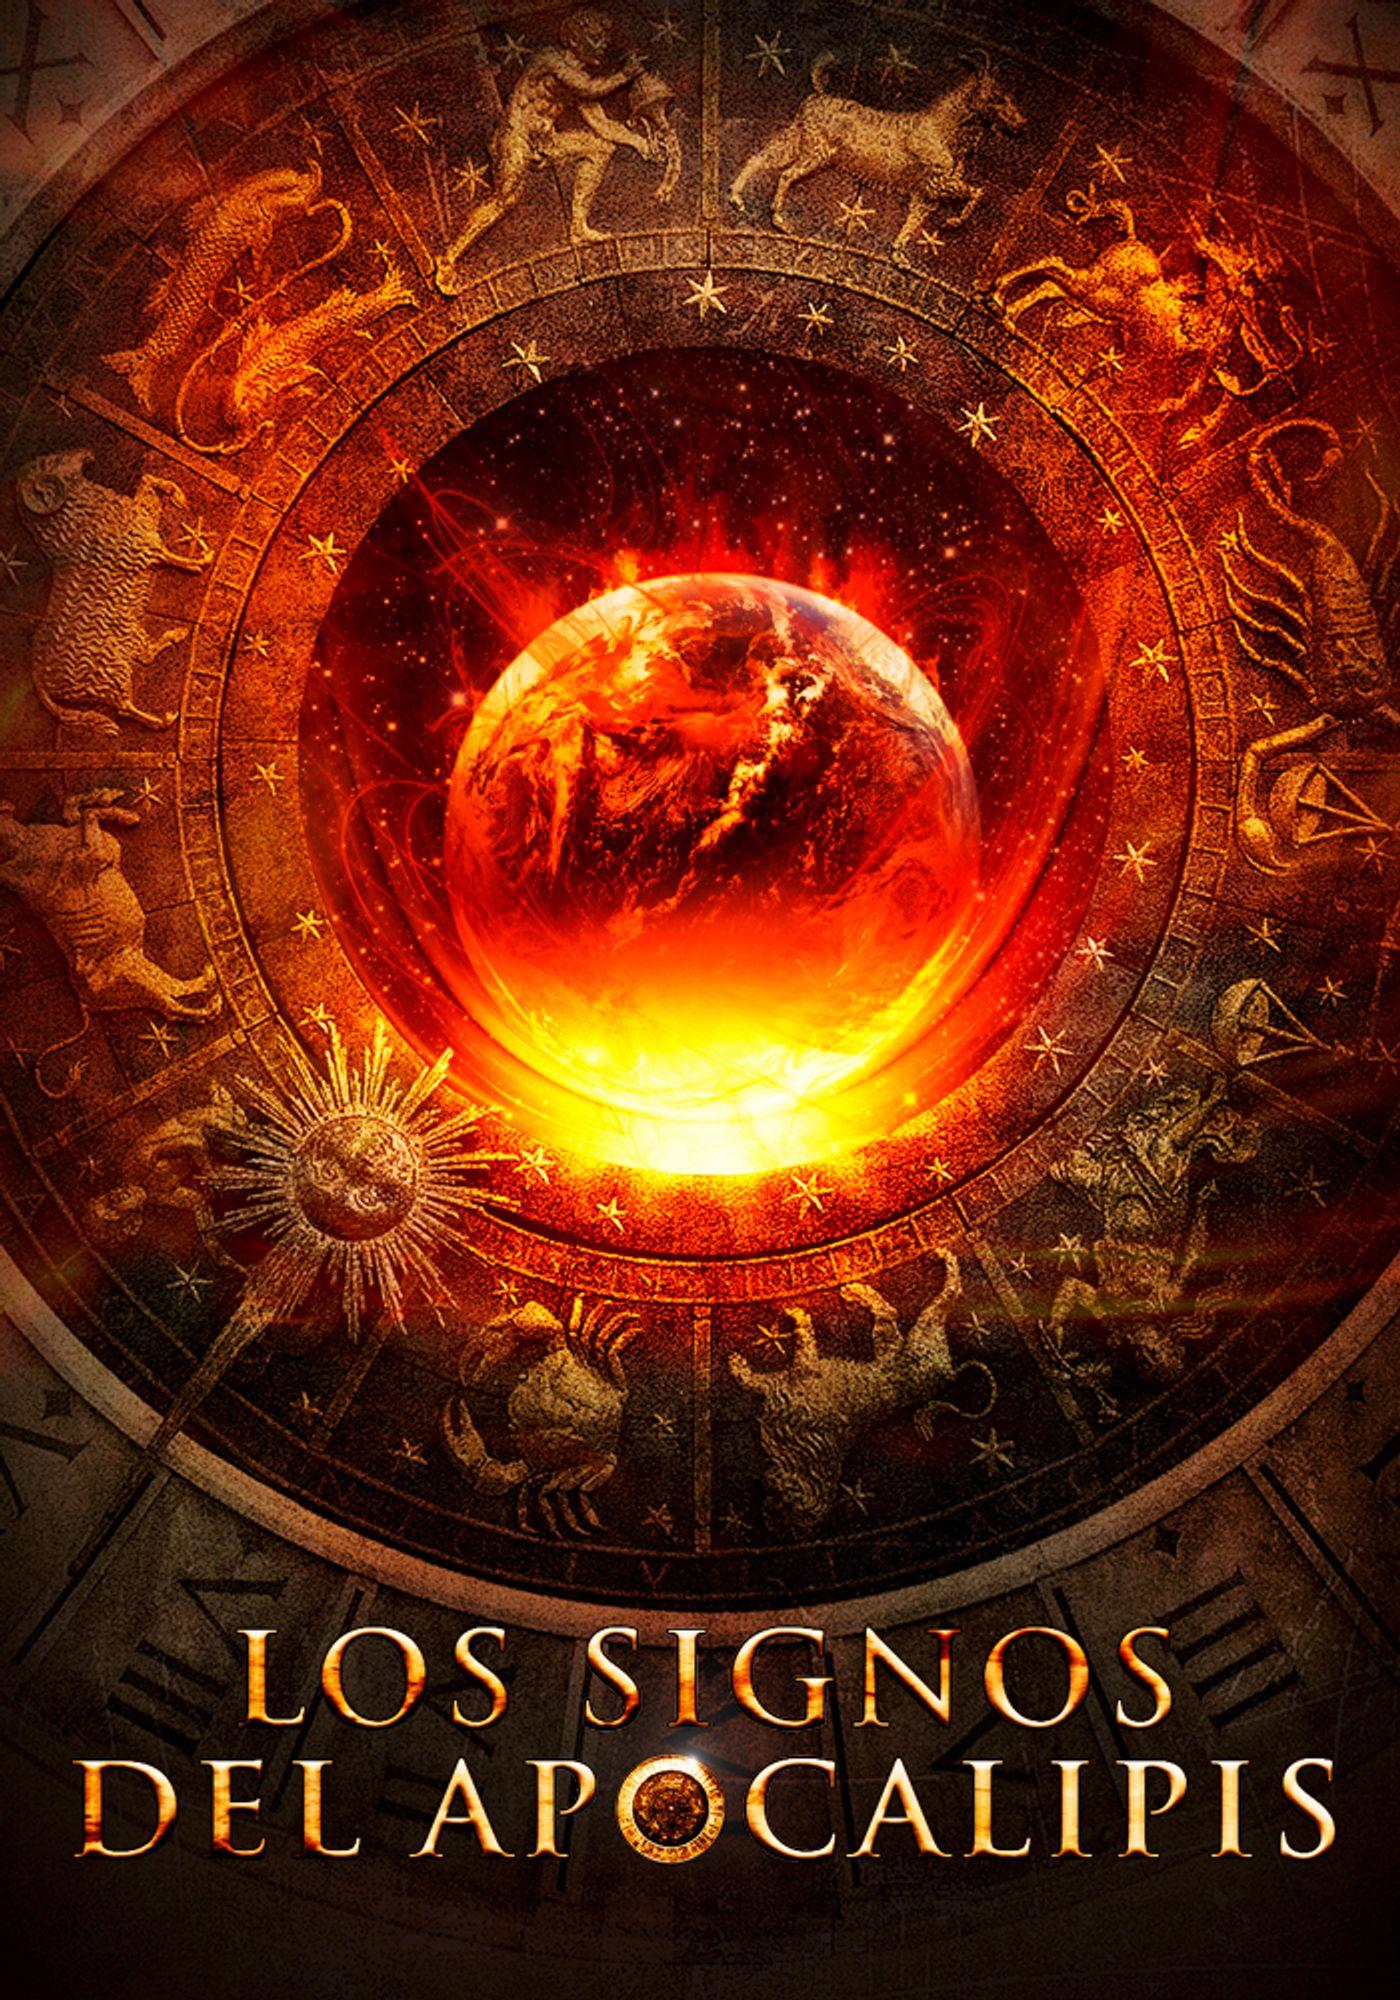 Los signos del apocalipsis